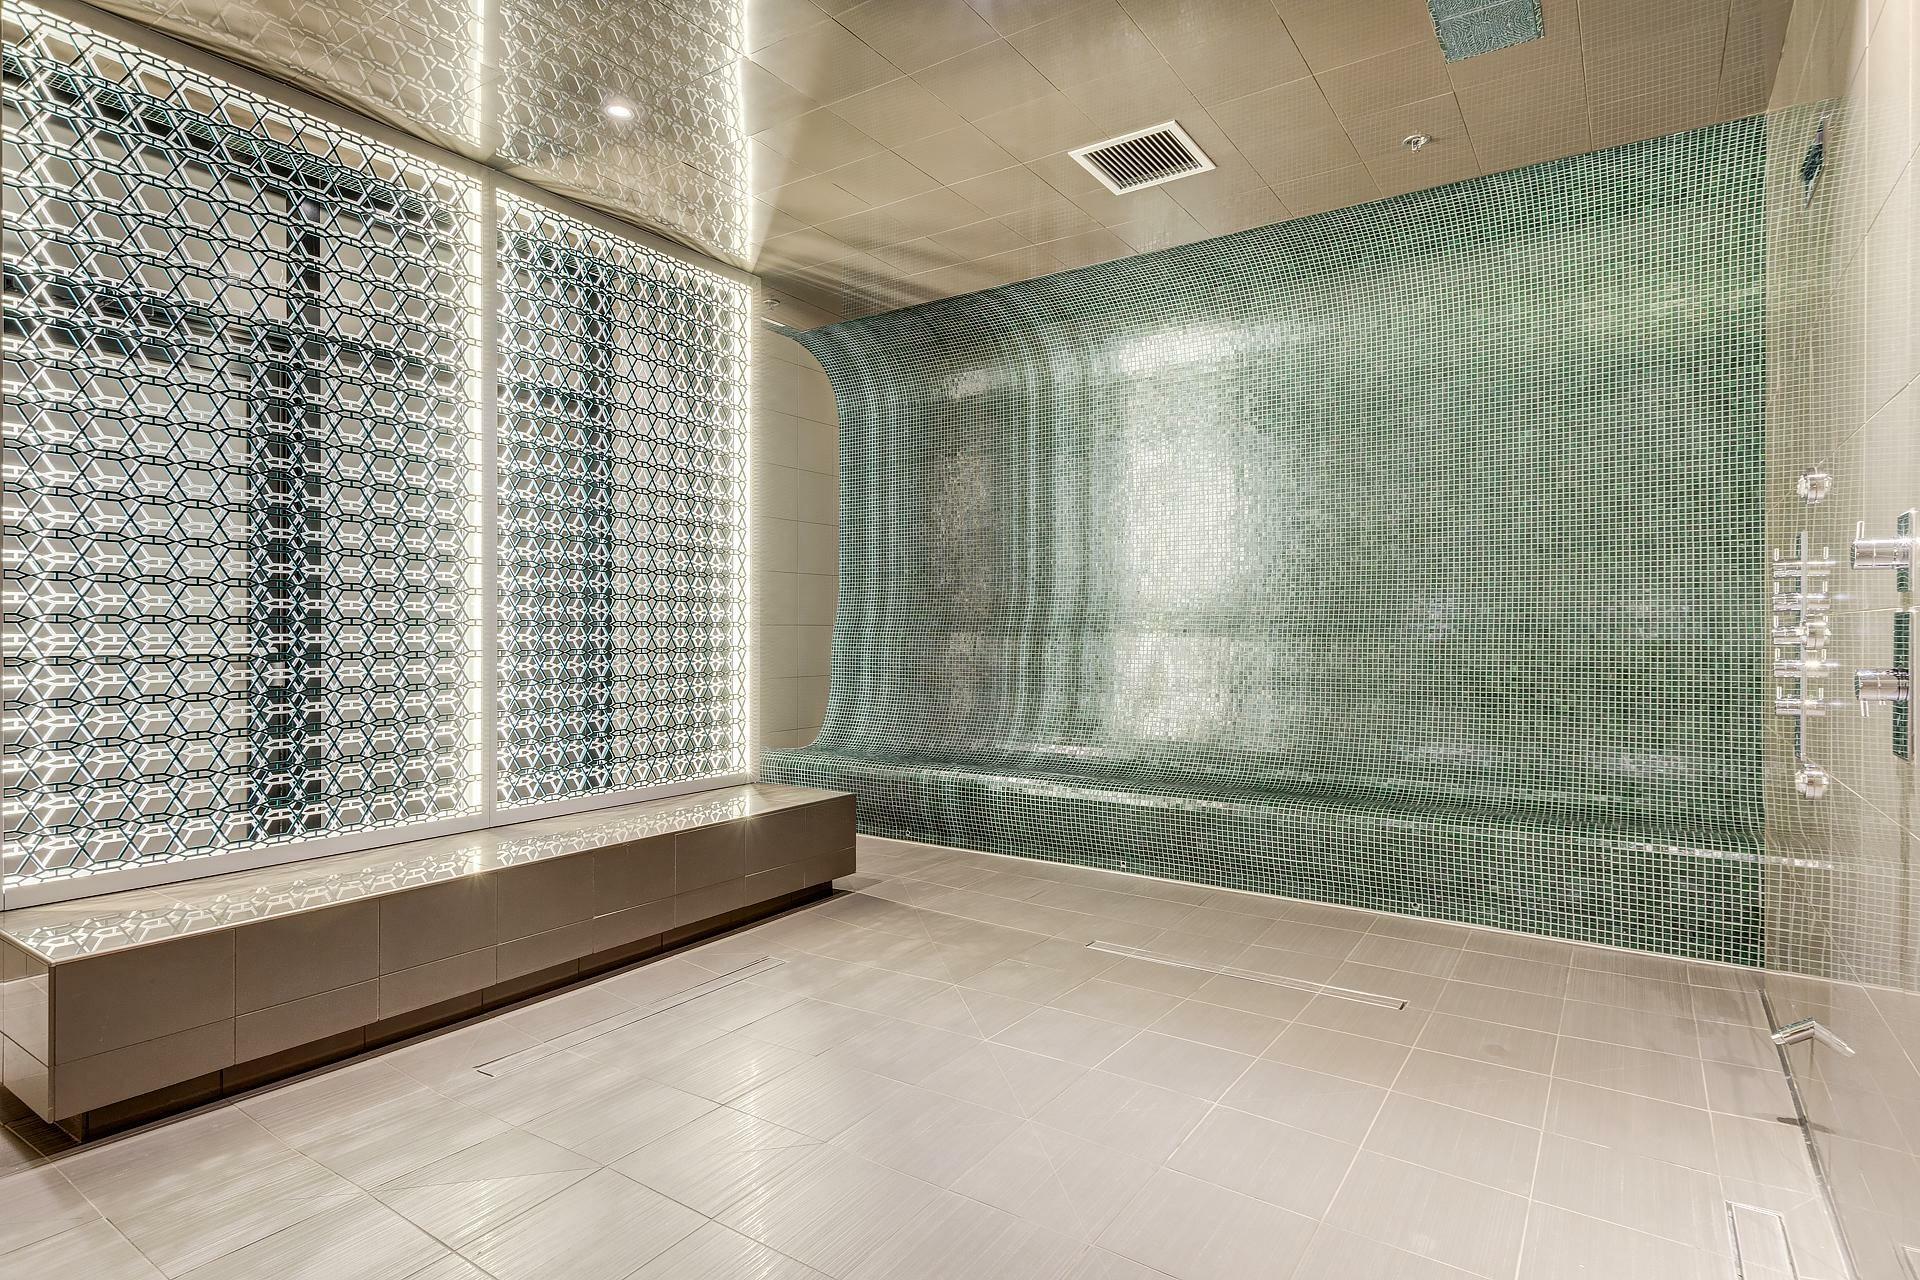 image 19 - Apartment For rent Montréal Ville-Marie  - 4 rooms